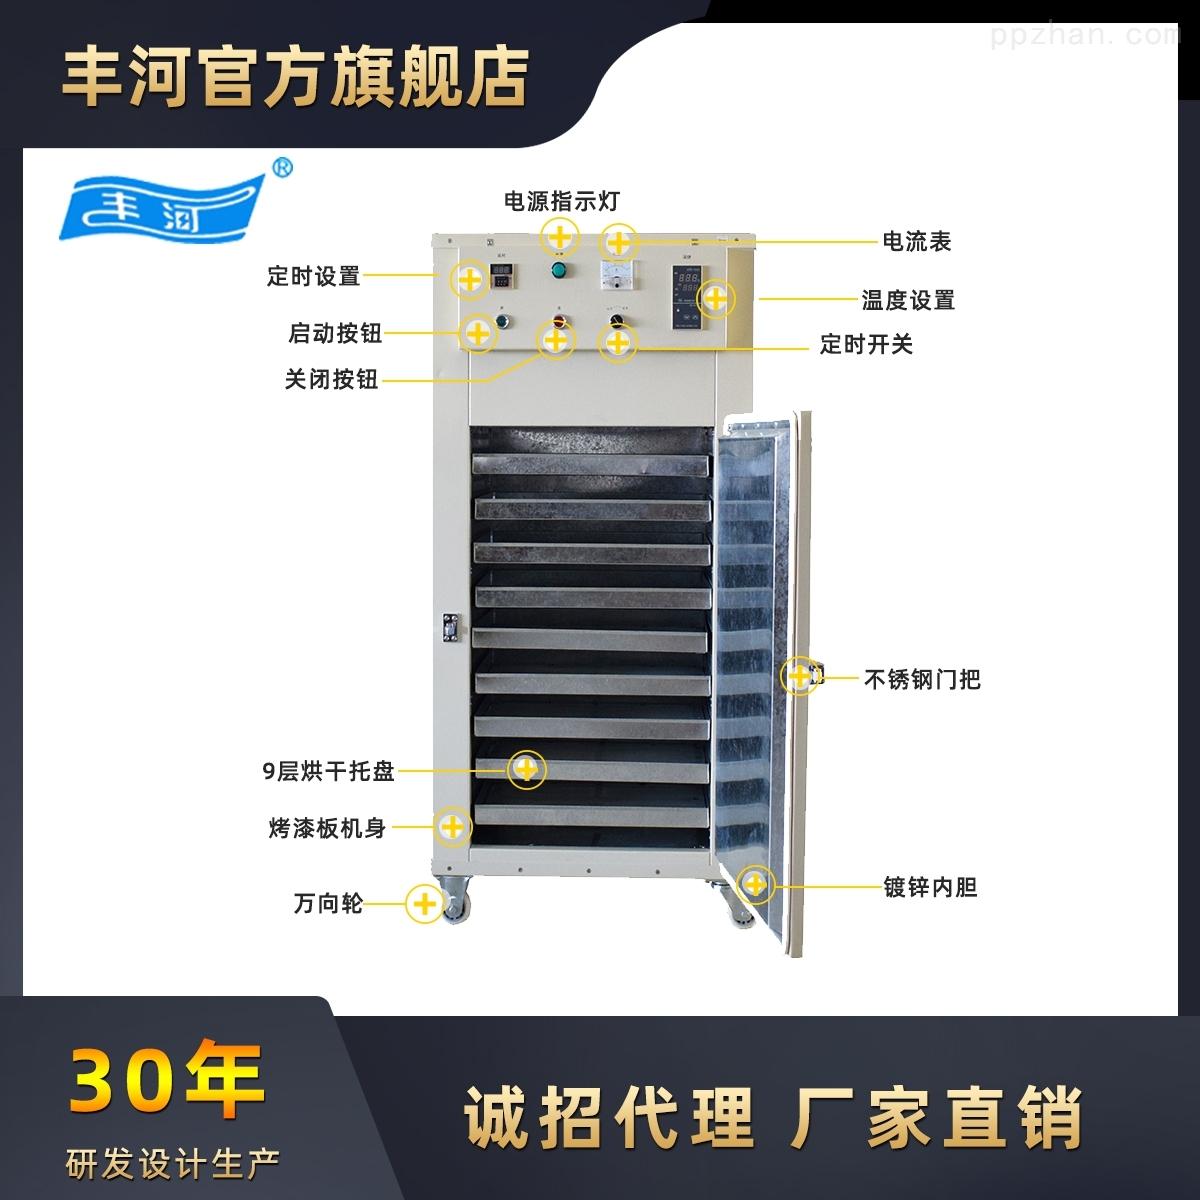 丰河茶叶烘焙机茶叶提香机烘干机6ch-18型